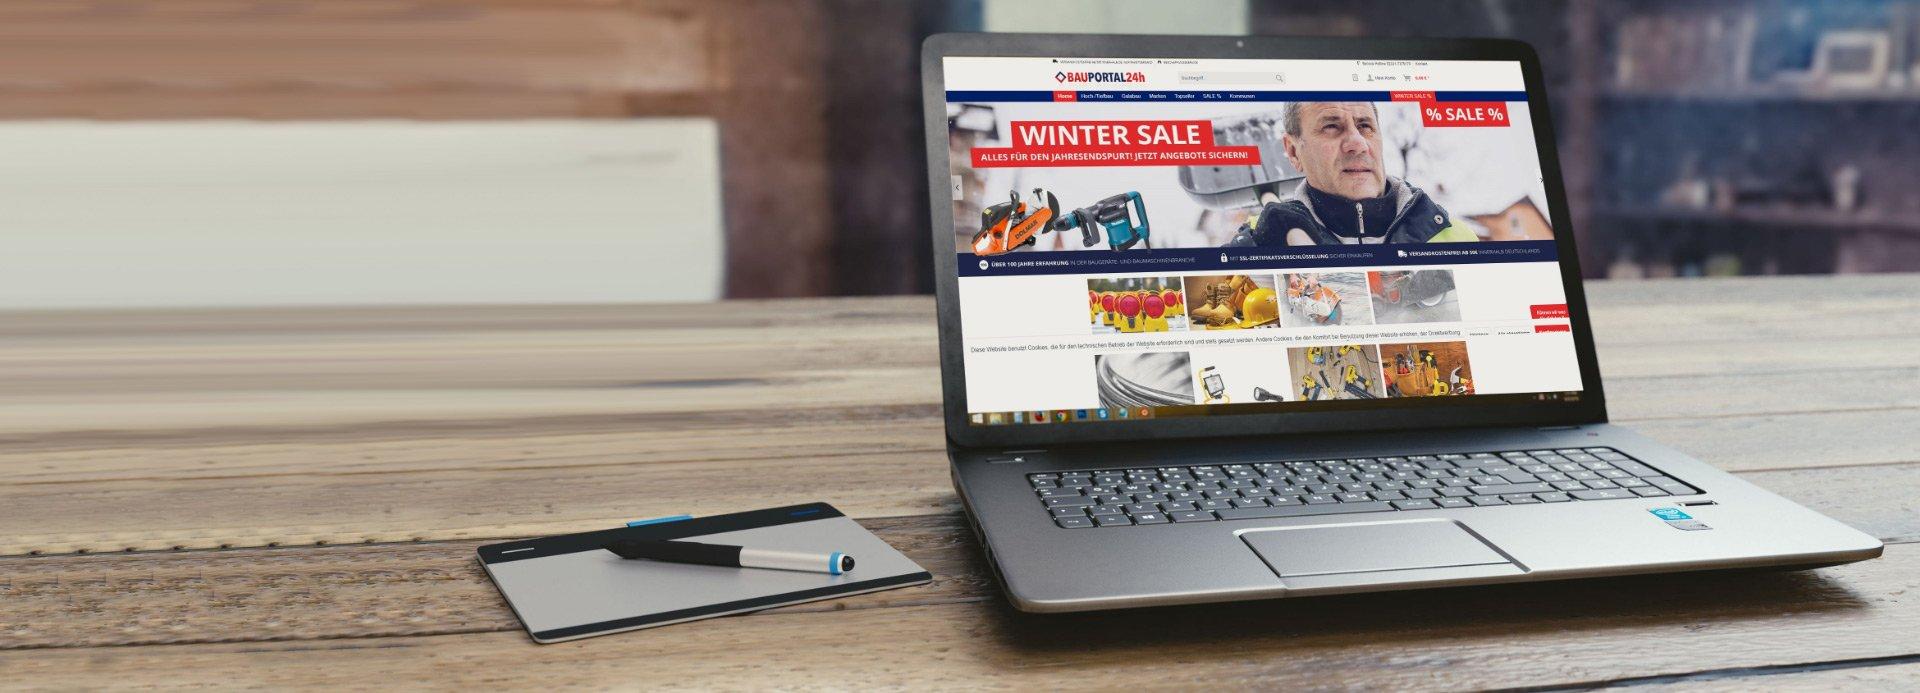 Foto Laptop - Wintersale Bauportal